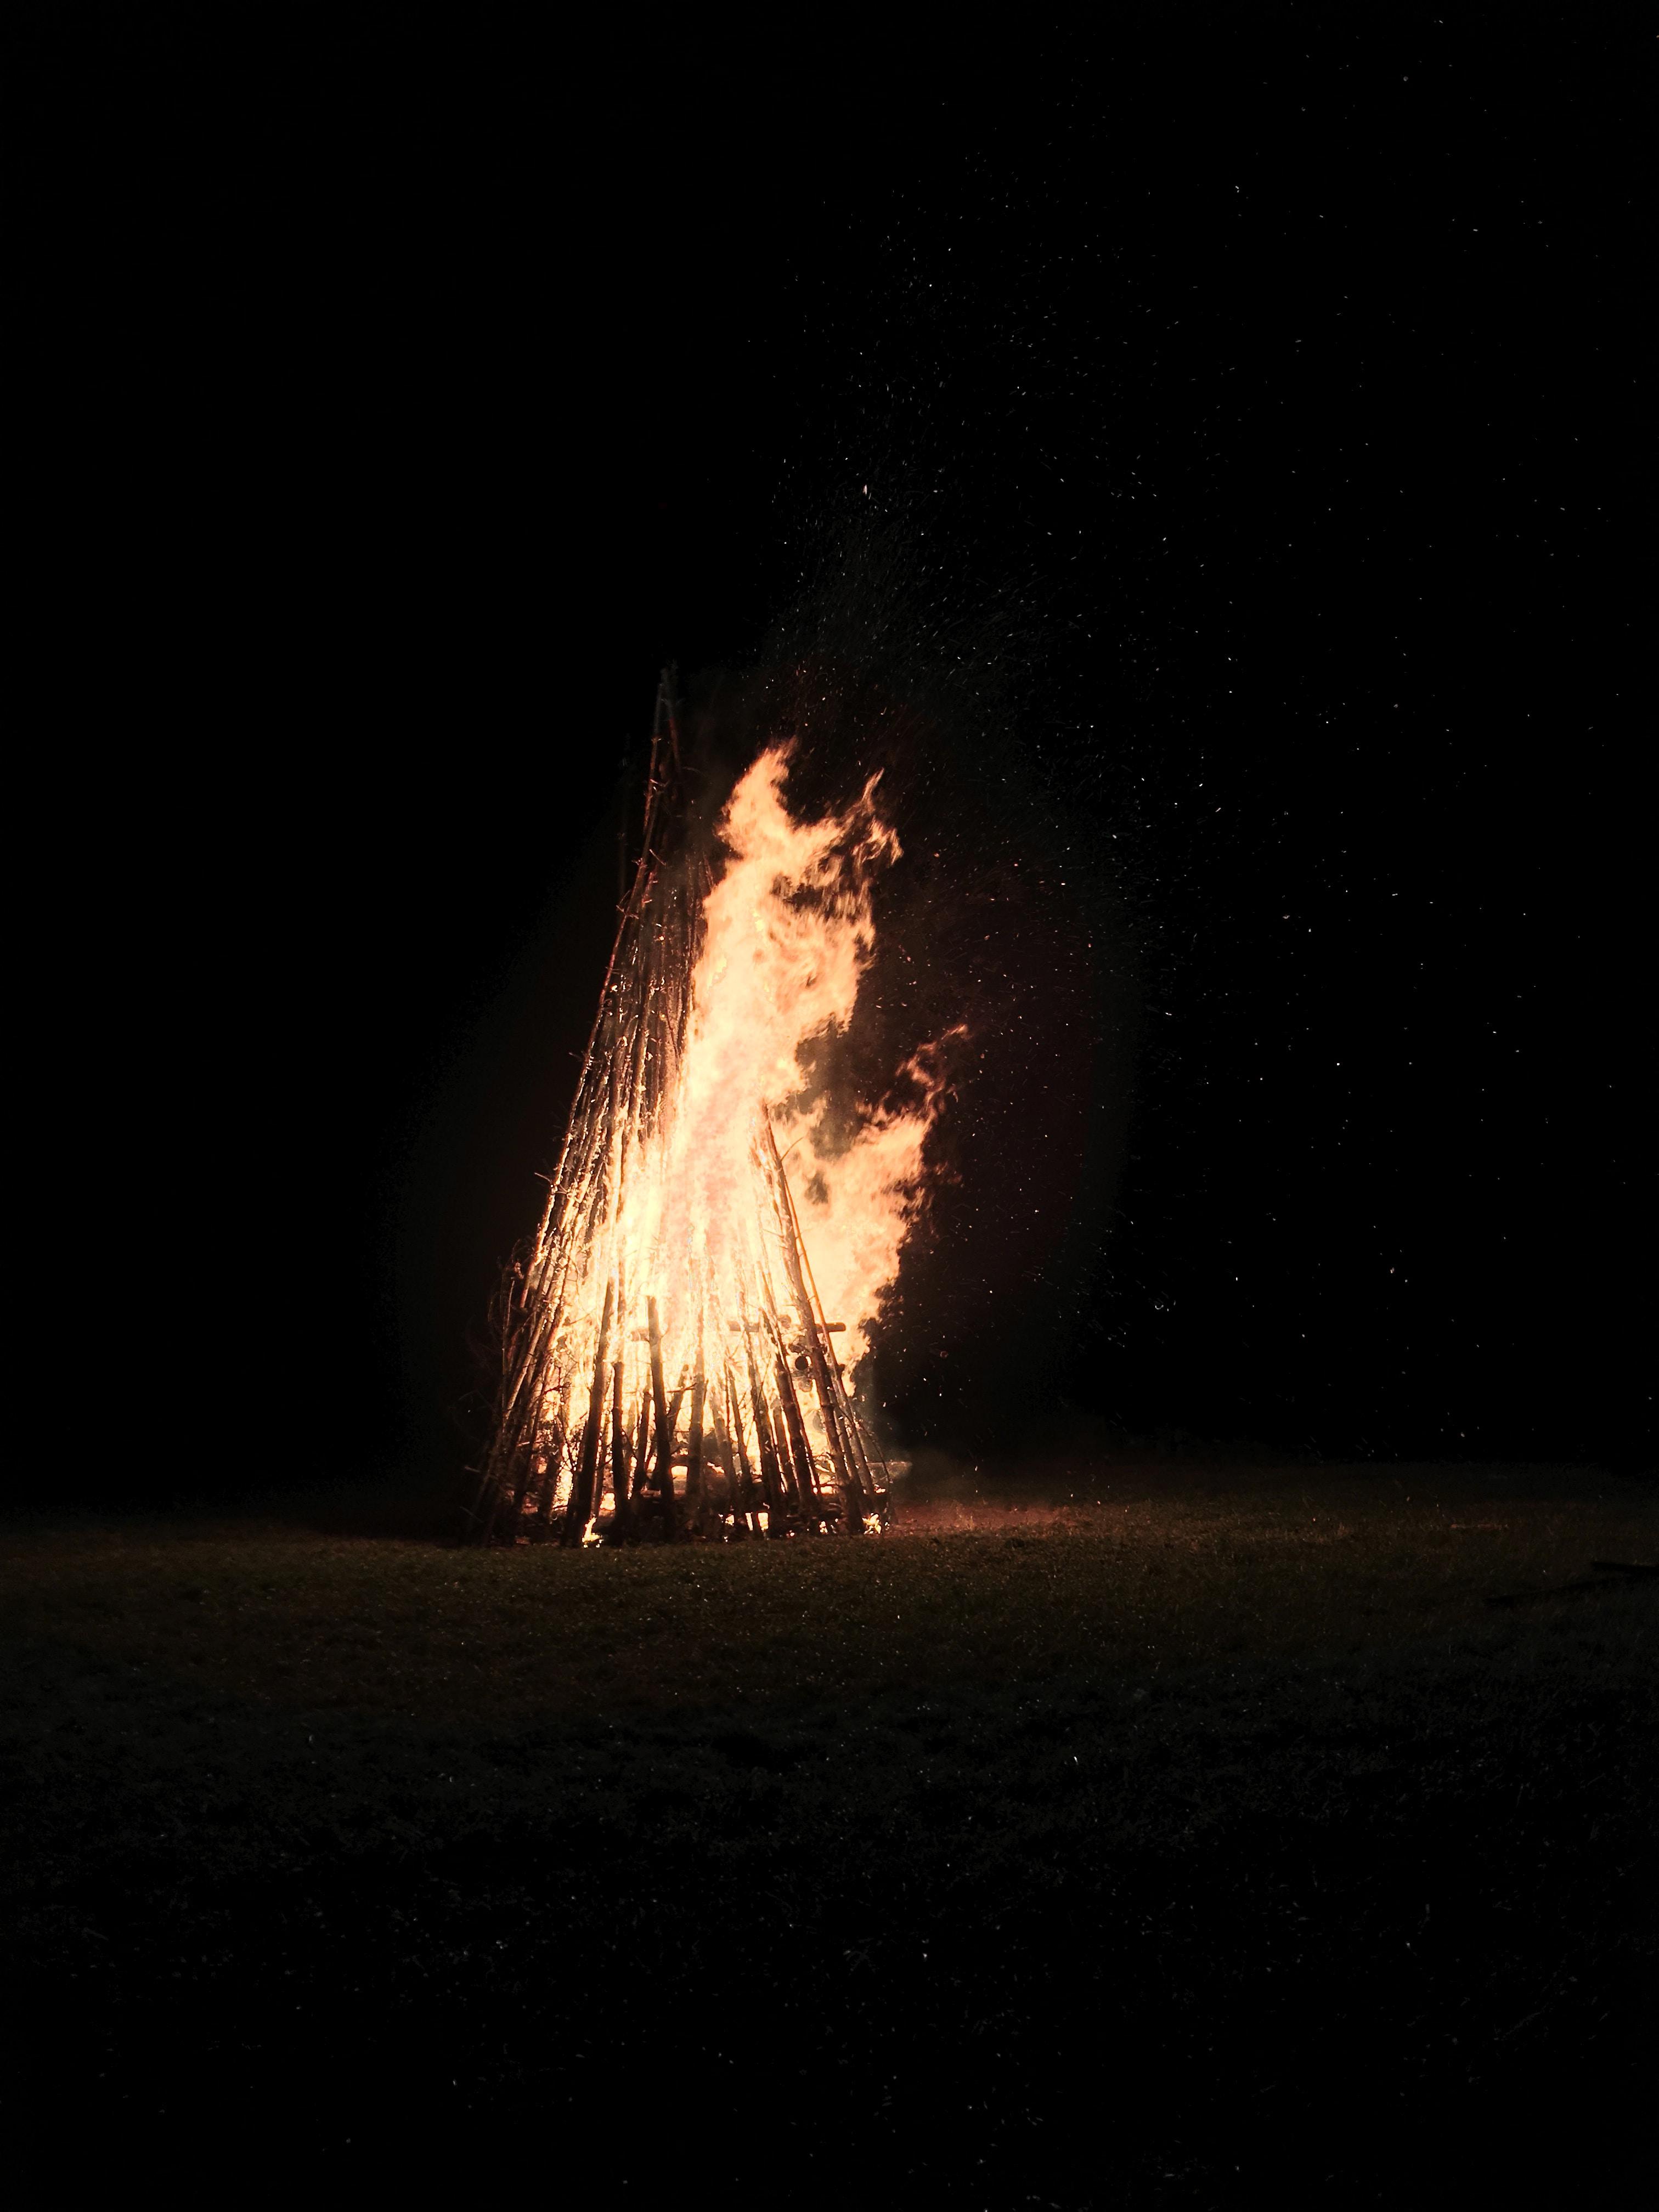 firepit taken at nighttime